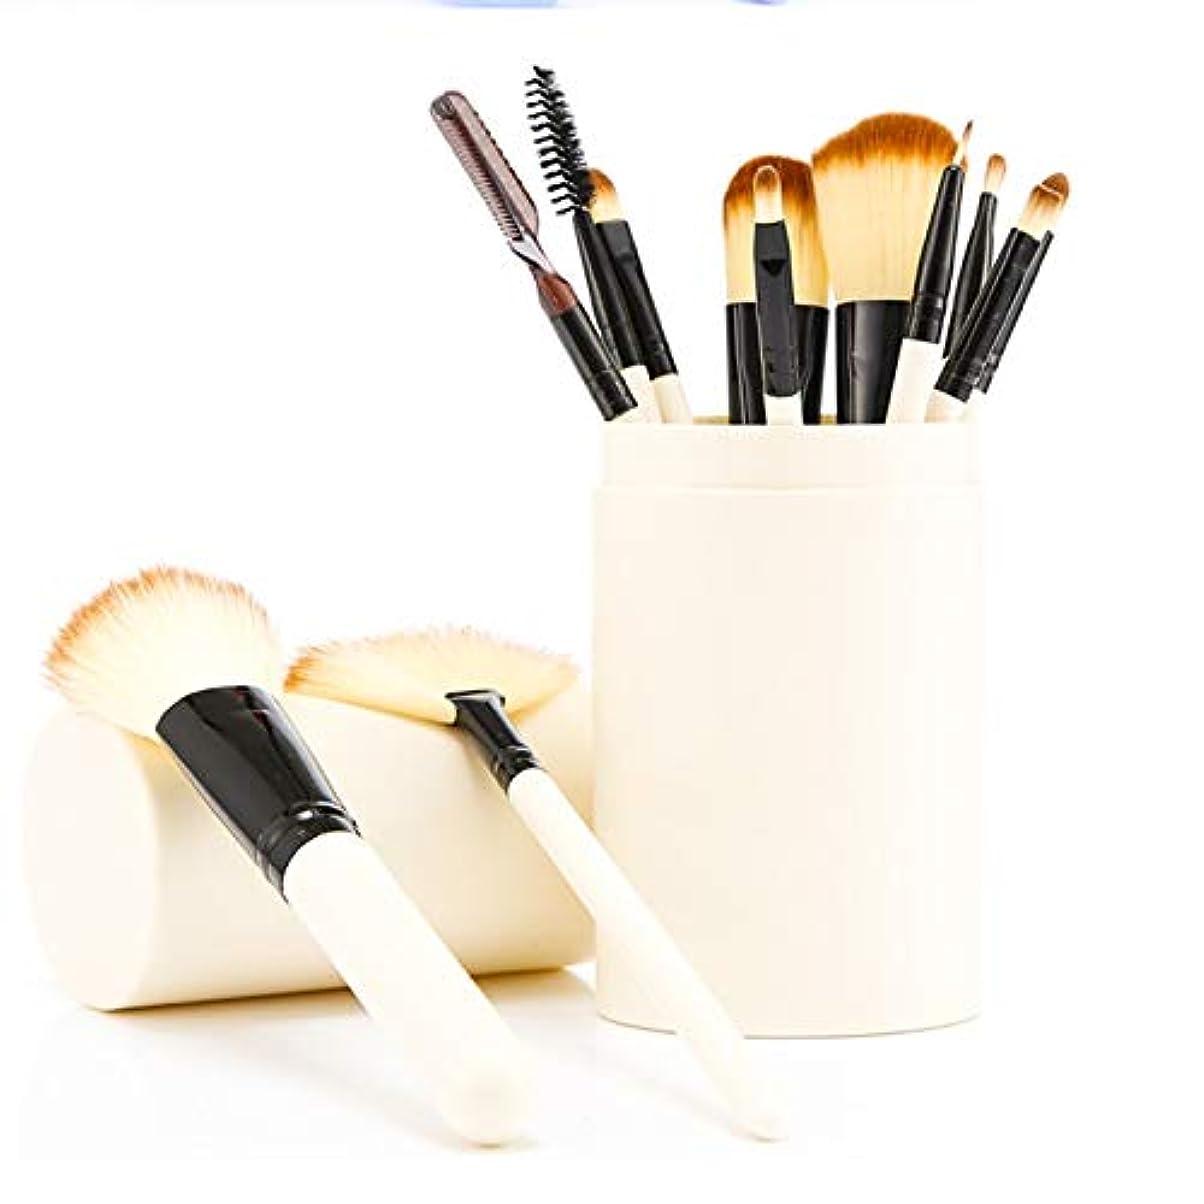 遺体安置所出発する司教ソフトで残酷のない合成繊維剛毛とローズゴールドのディテールが施された化粧ブラシセット12本のプロフェッショナルな化粧ブラシ - エレガントなPUレザーポーチが含まれています (Color : Natural)